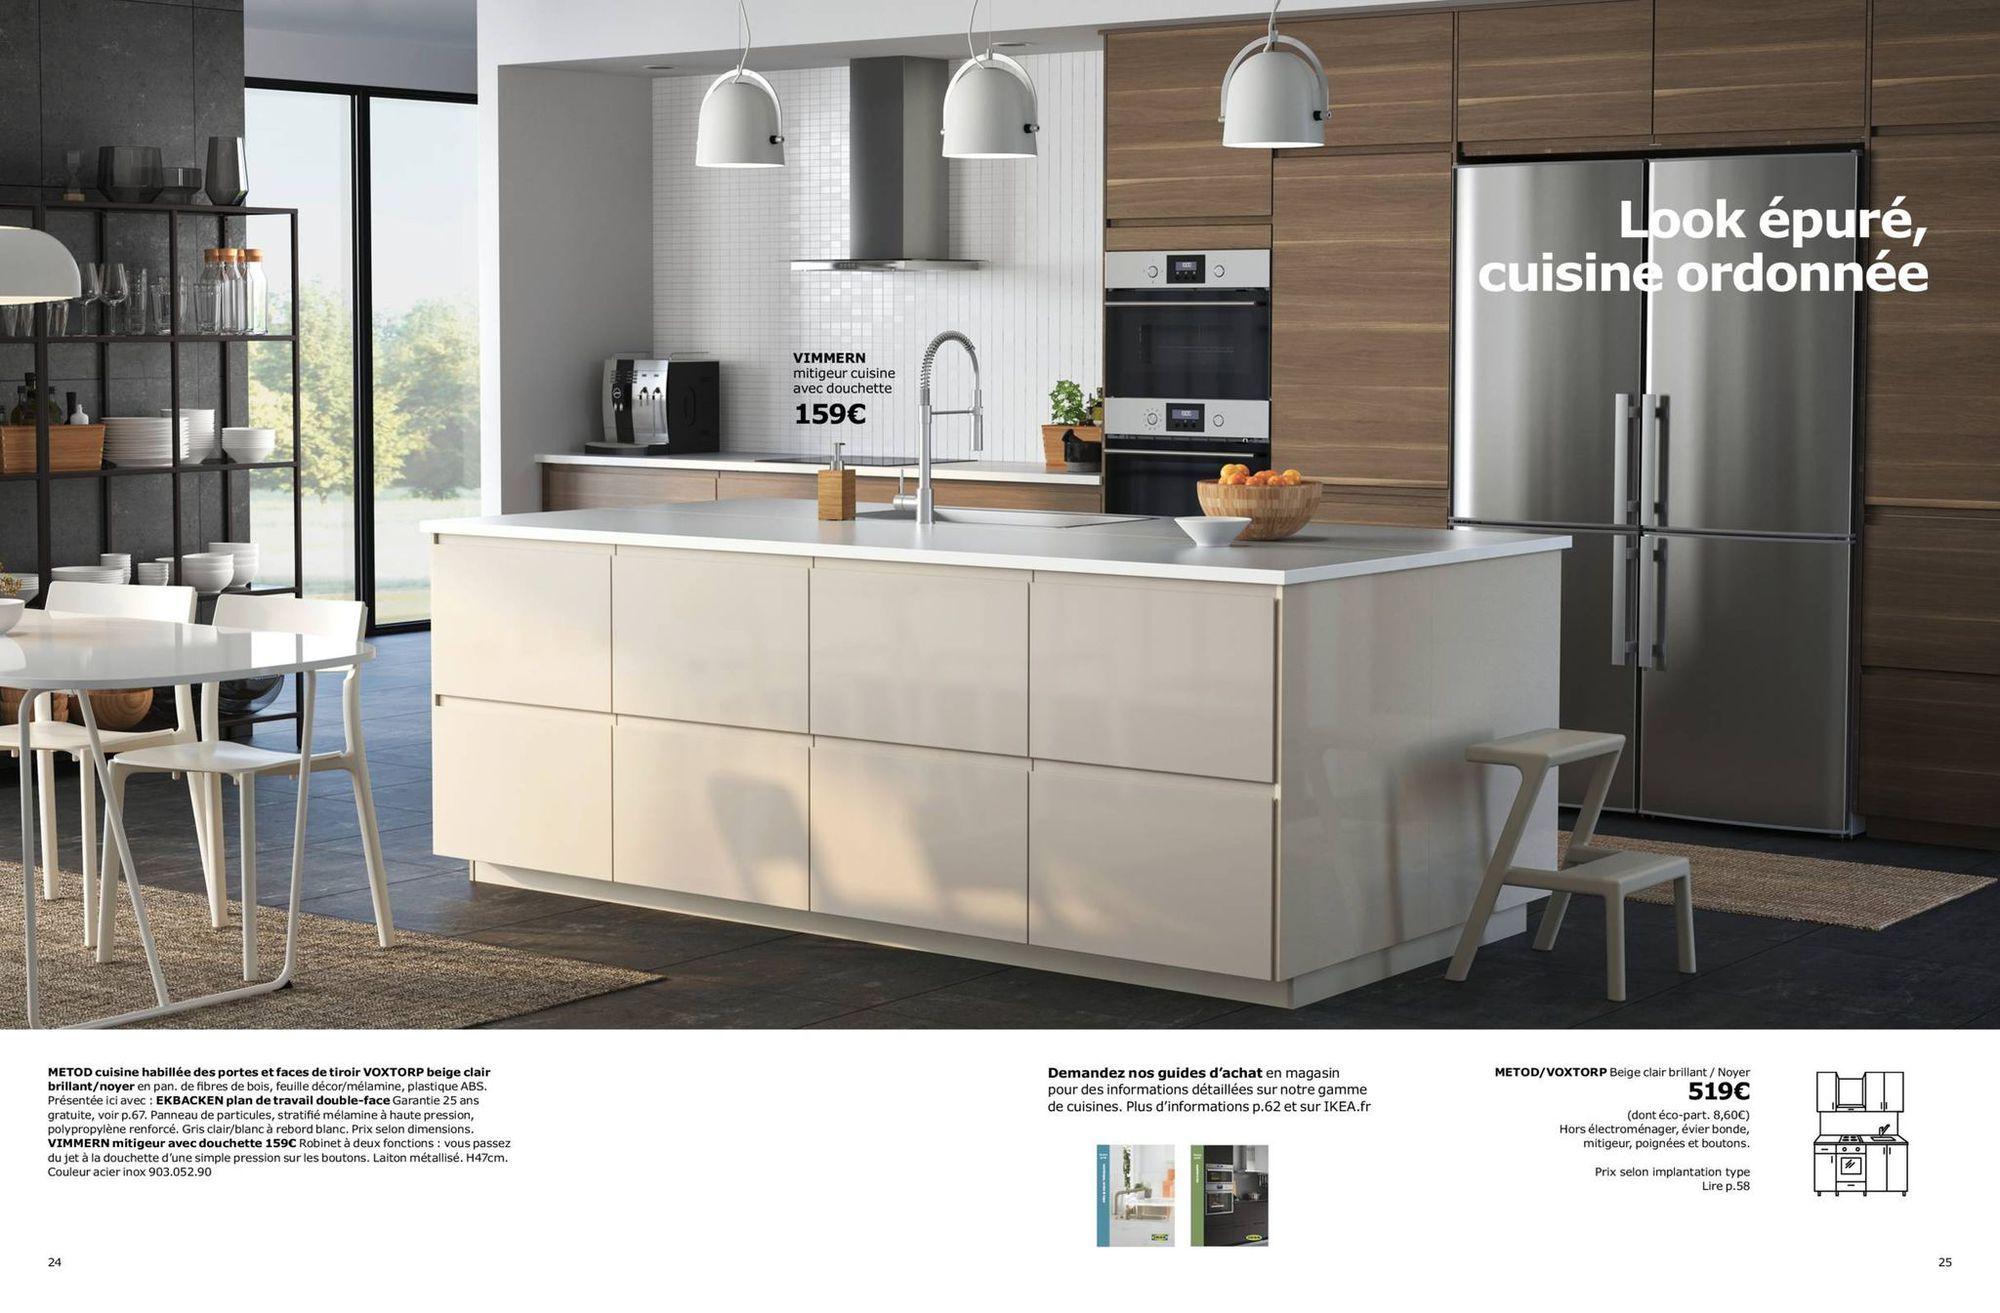 Cuisine Ikea Les Nouveautes Du Catalogue 2018 Cuisine Ikea Armoire Cuisine Ikea Ikea